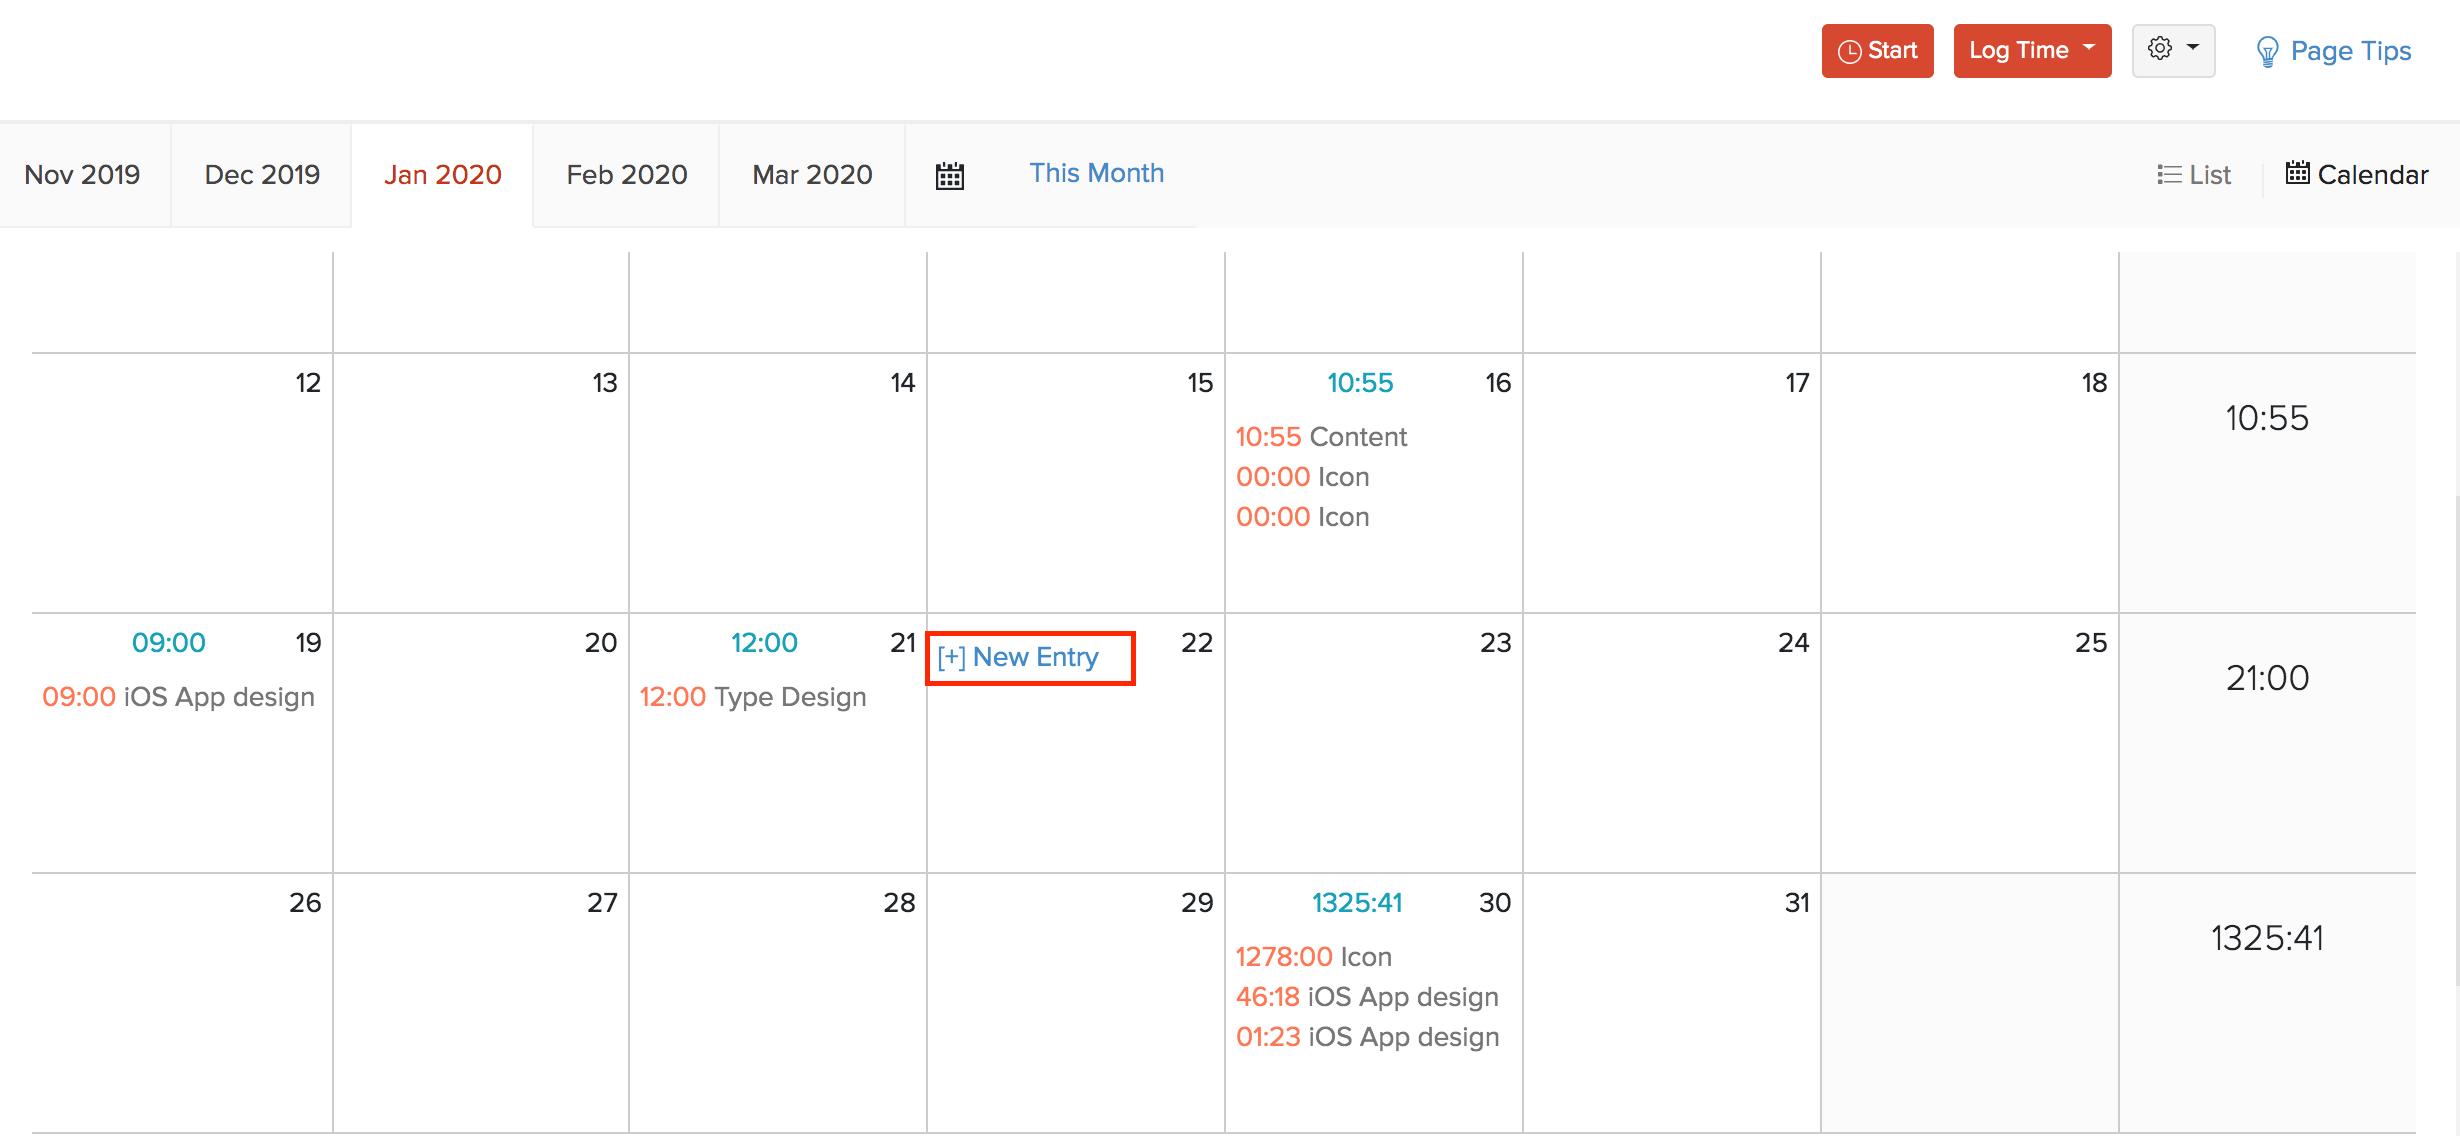 Calendar View Timesheet